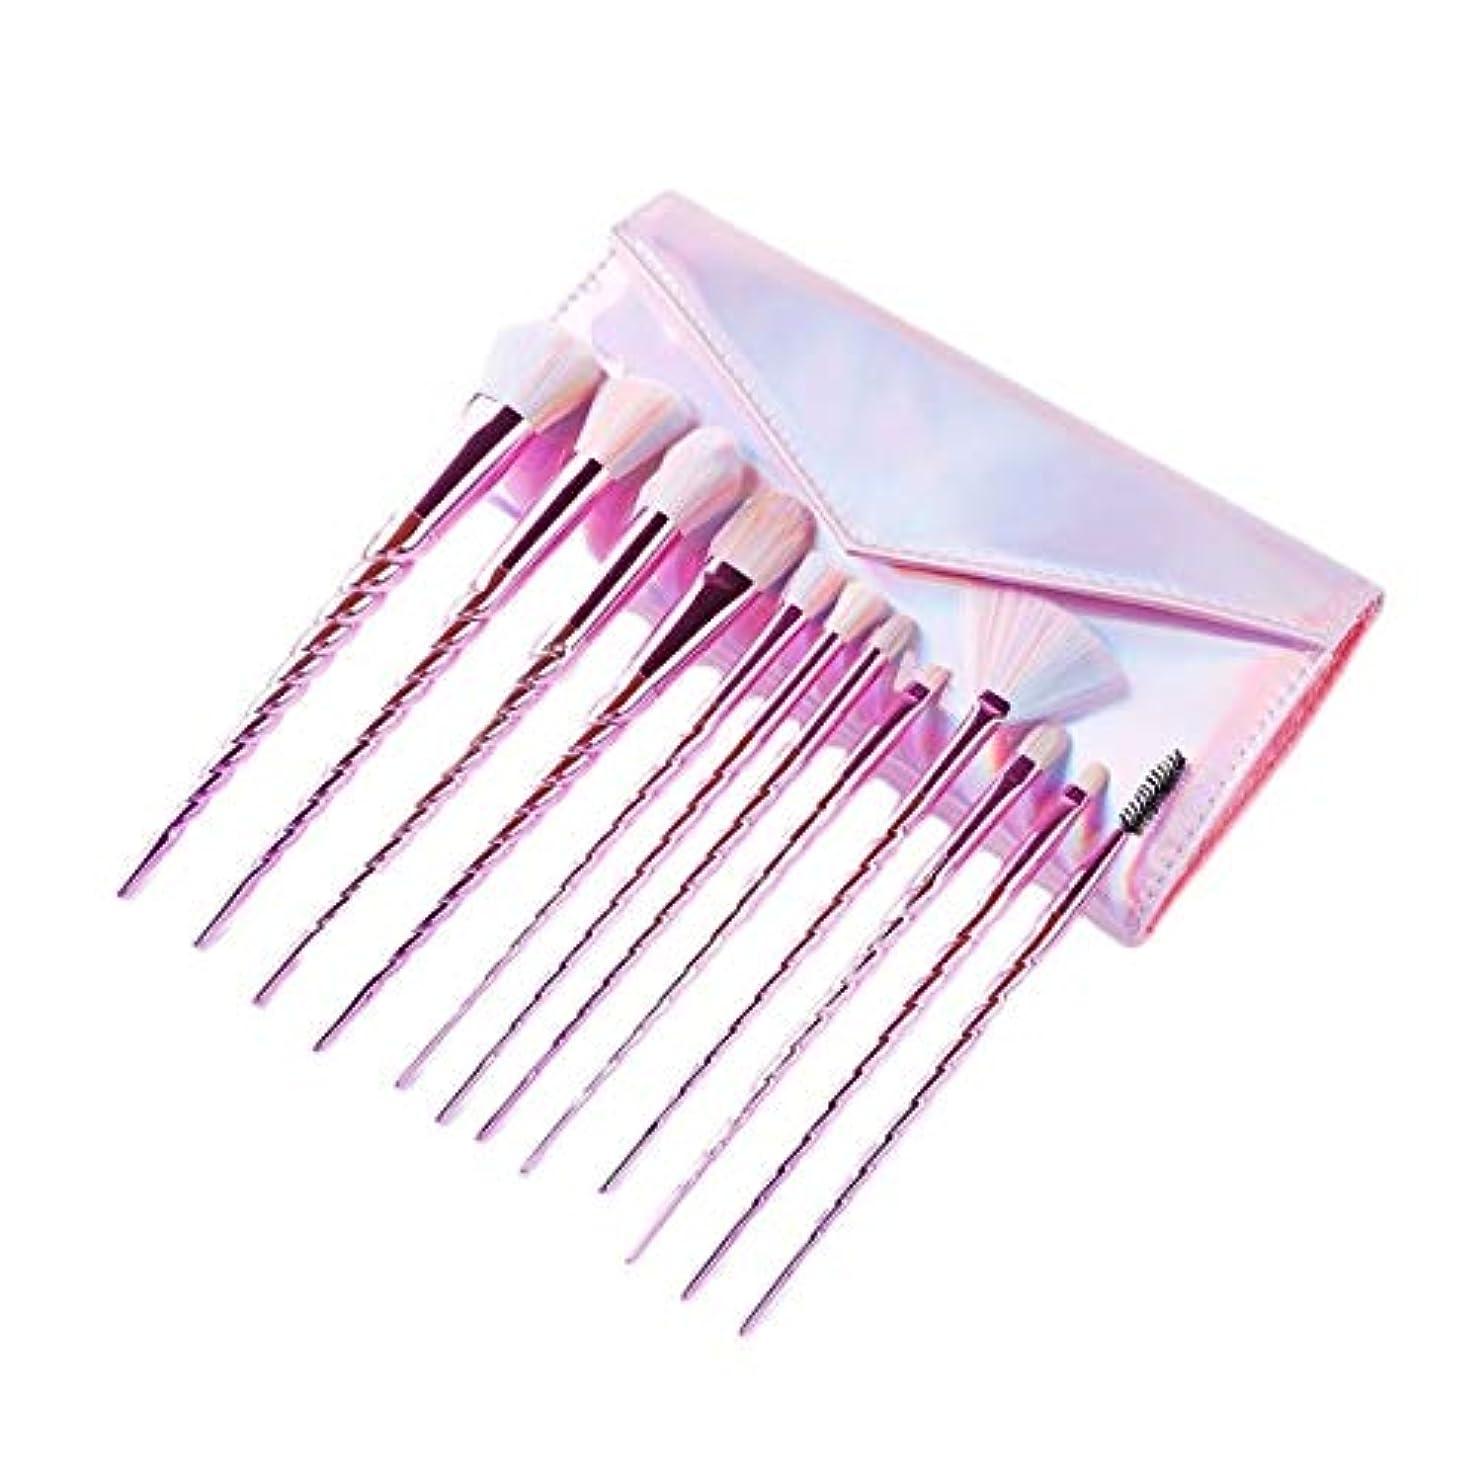 襲撃怖がって死ぬ邪魔XIAOCHAOSD メイクブラシセット初心者のアイシャドウブラシ美容ブラシツール女性、持ち運びのメイクブラシフルセット (Color : Pink)